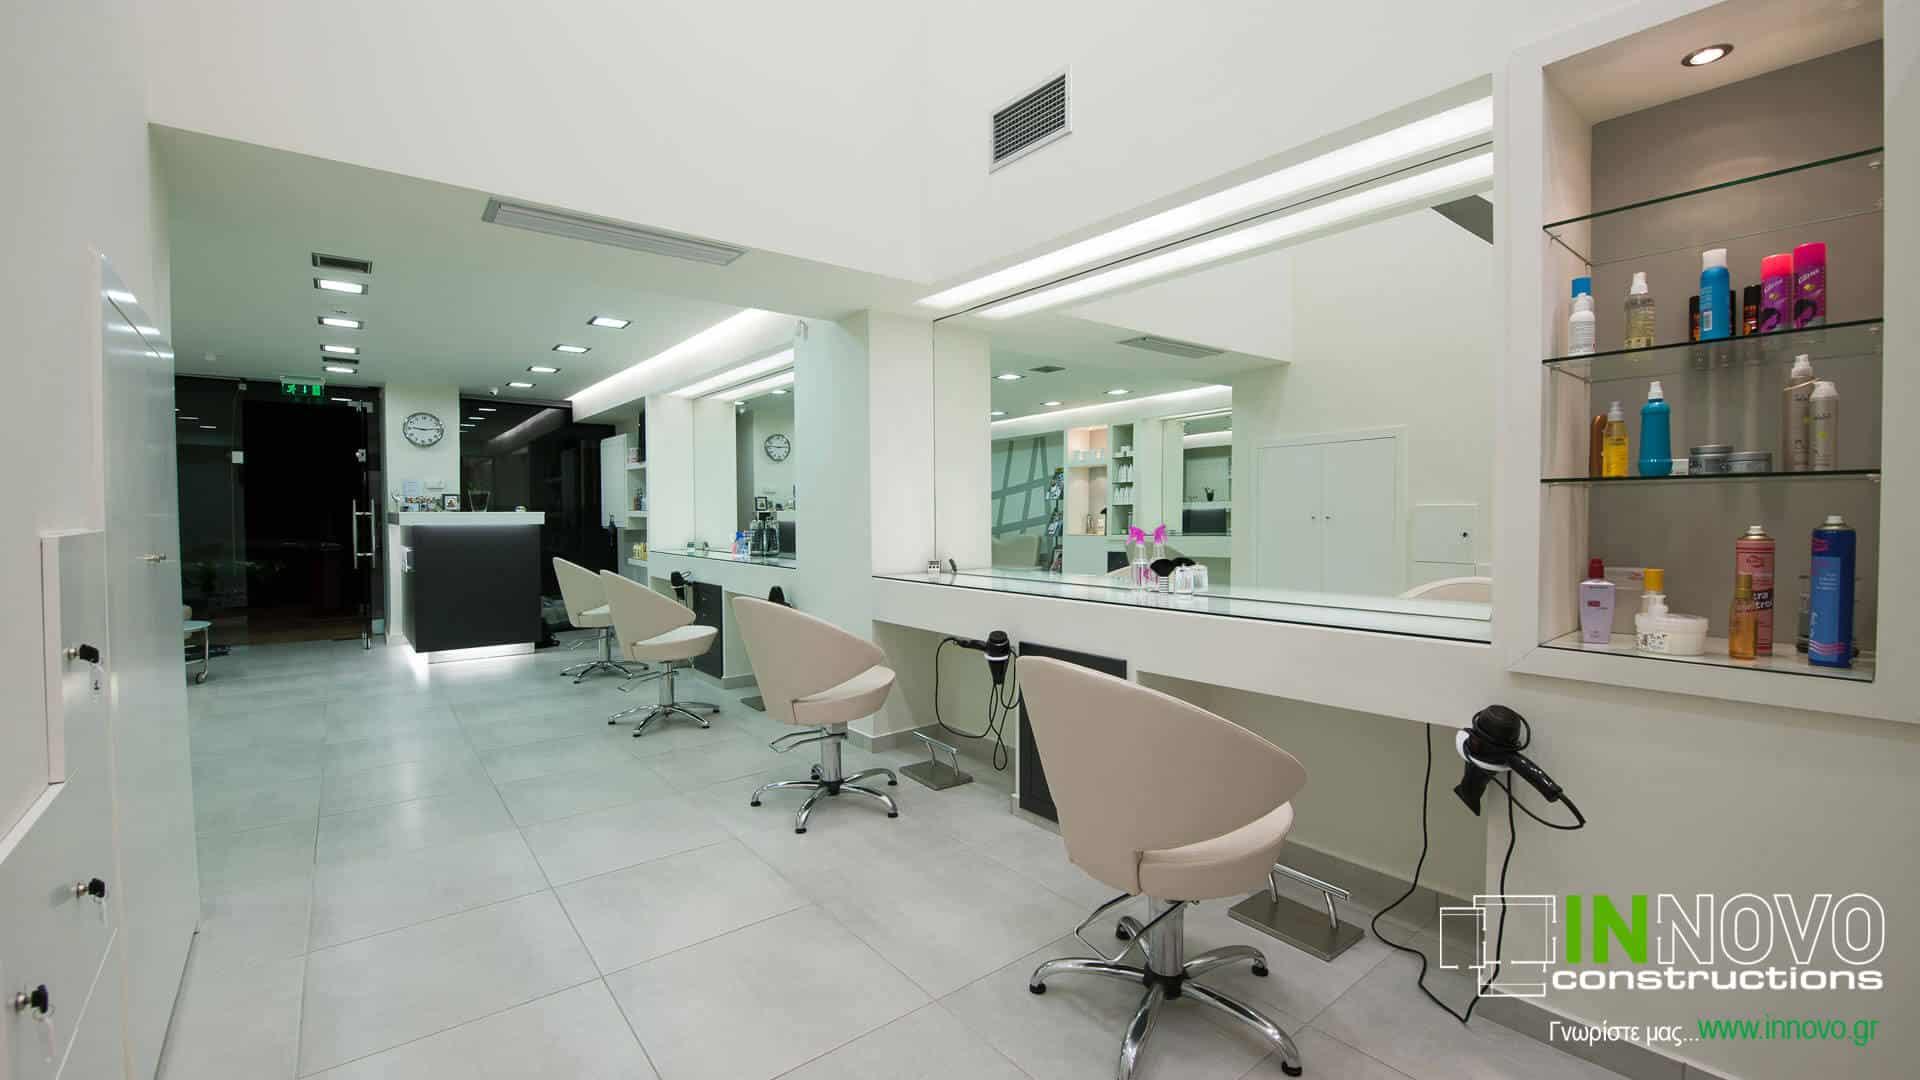 kataskevi-kommotiriou-hairdressers-construction-kommotirio-renti-1365-11